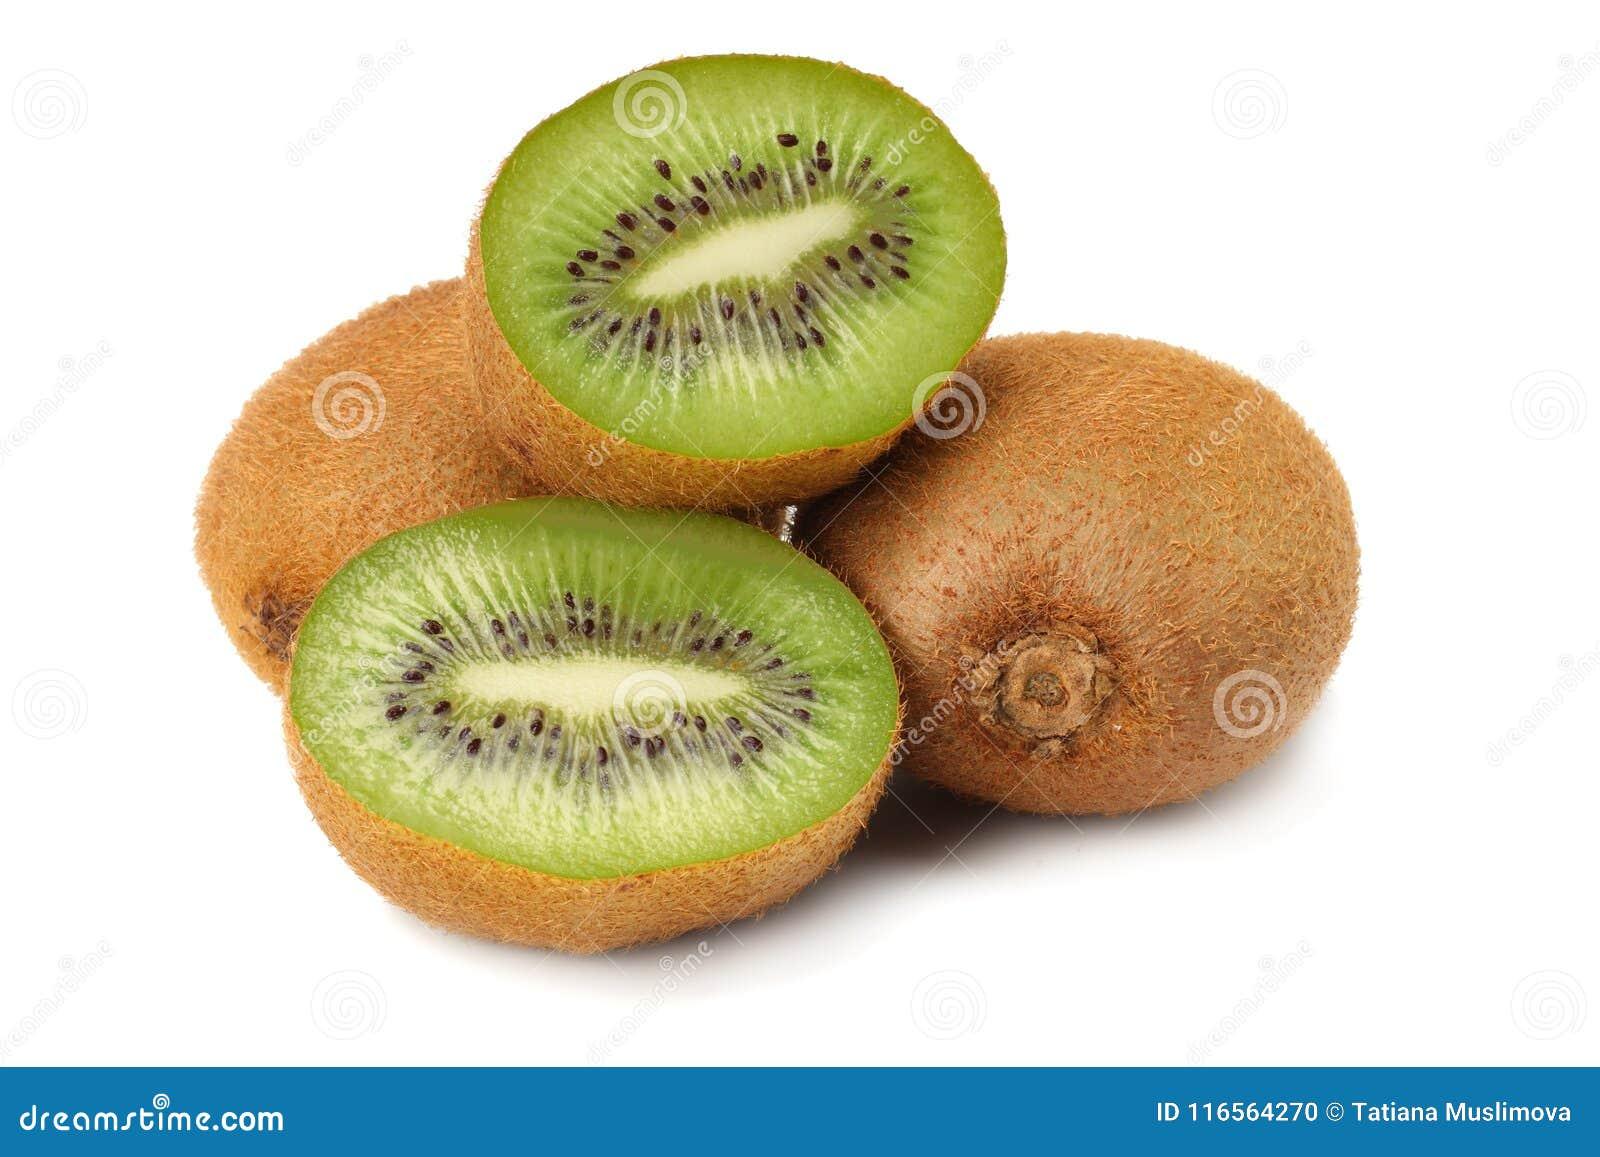 healthy food. kiwi fruit isolated on white background